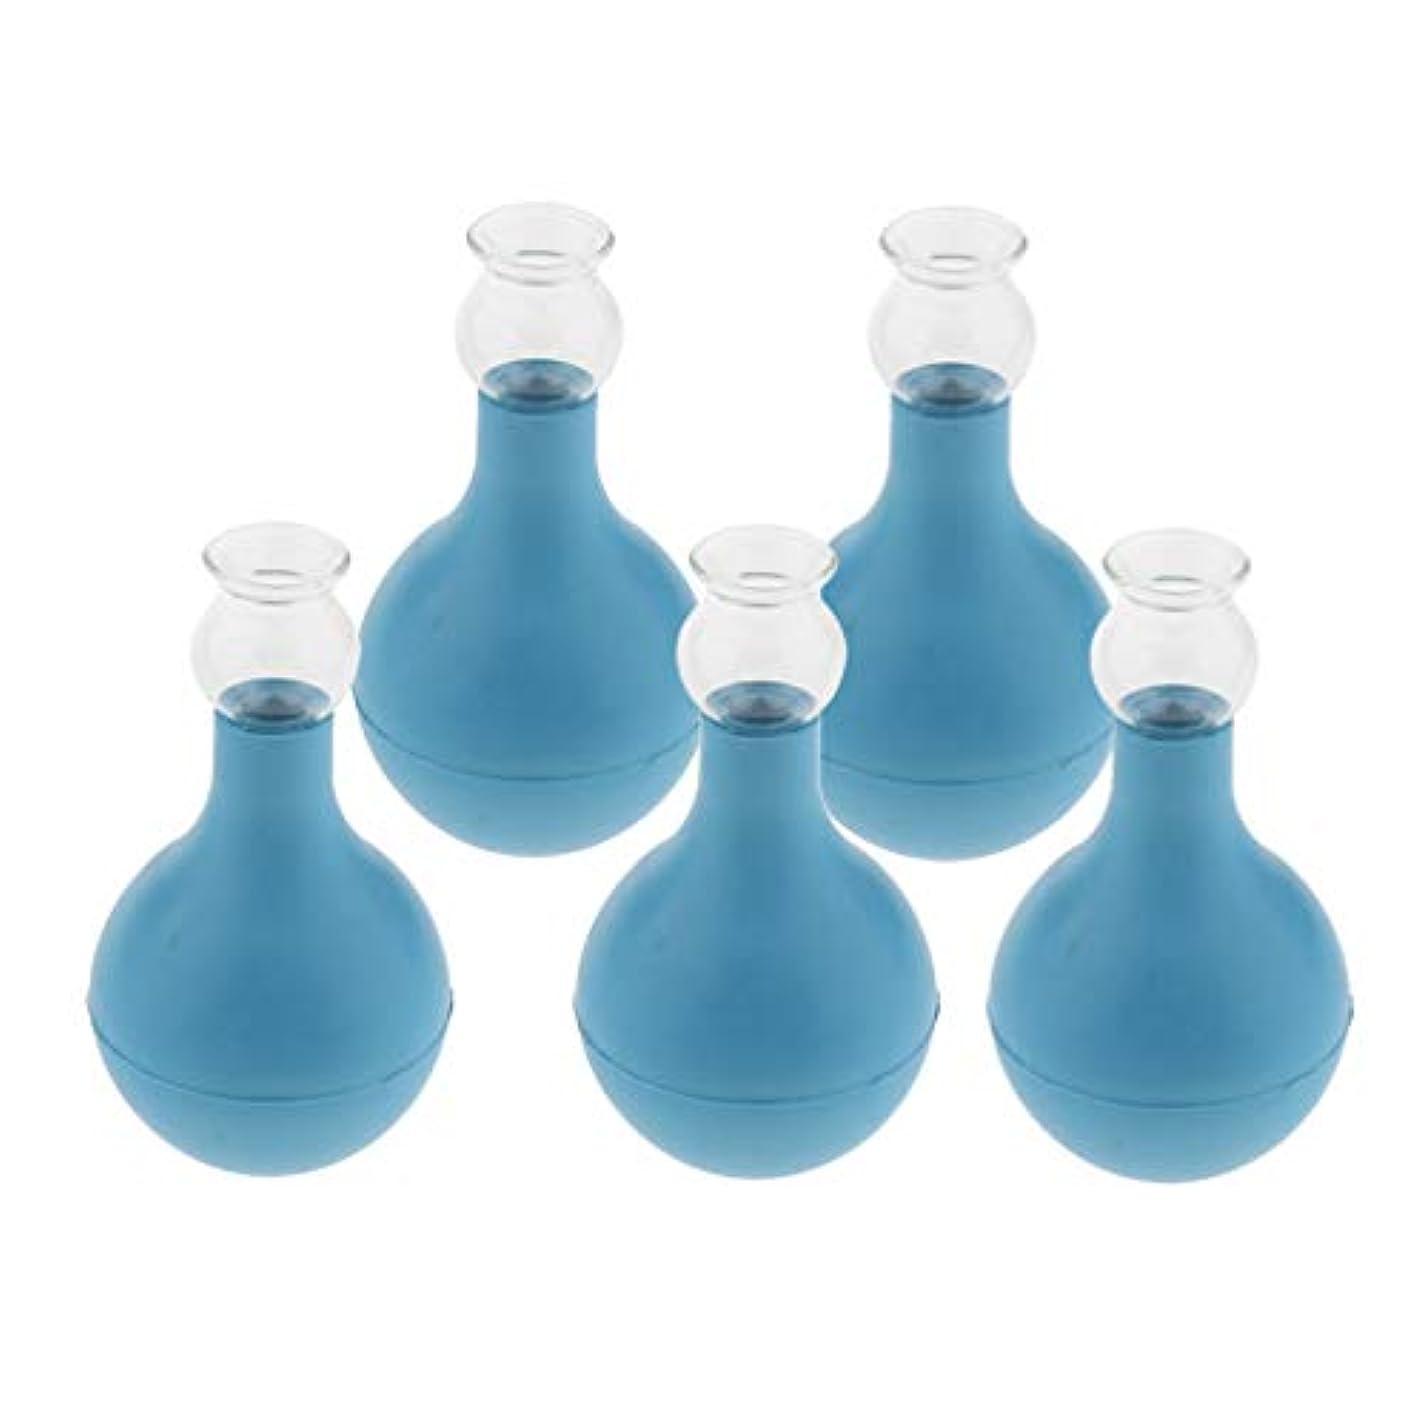 Perfeclan シリコン ガラス カッピング 吸い玉 5個入り 顔 首 全身用 マッサージ 吸着力 2サイズ選ぶ - ブルー+ブルー3cm, 3cm